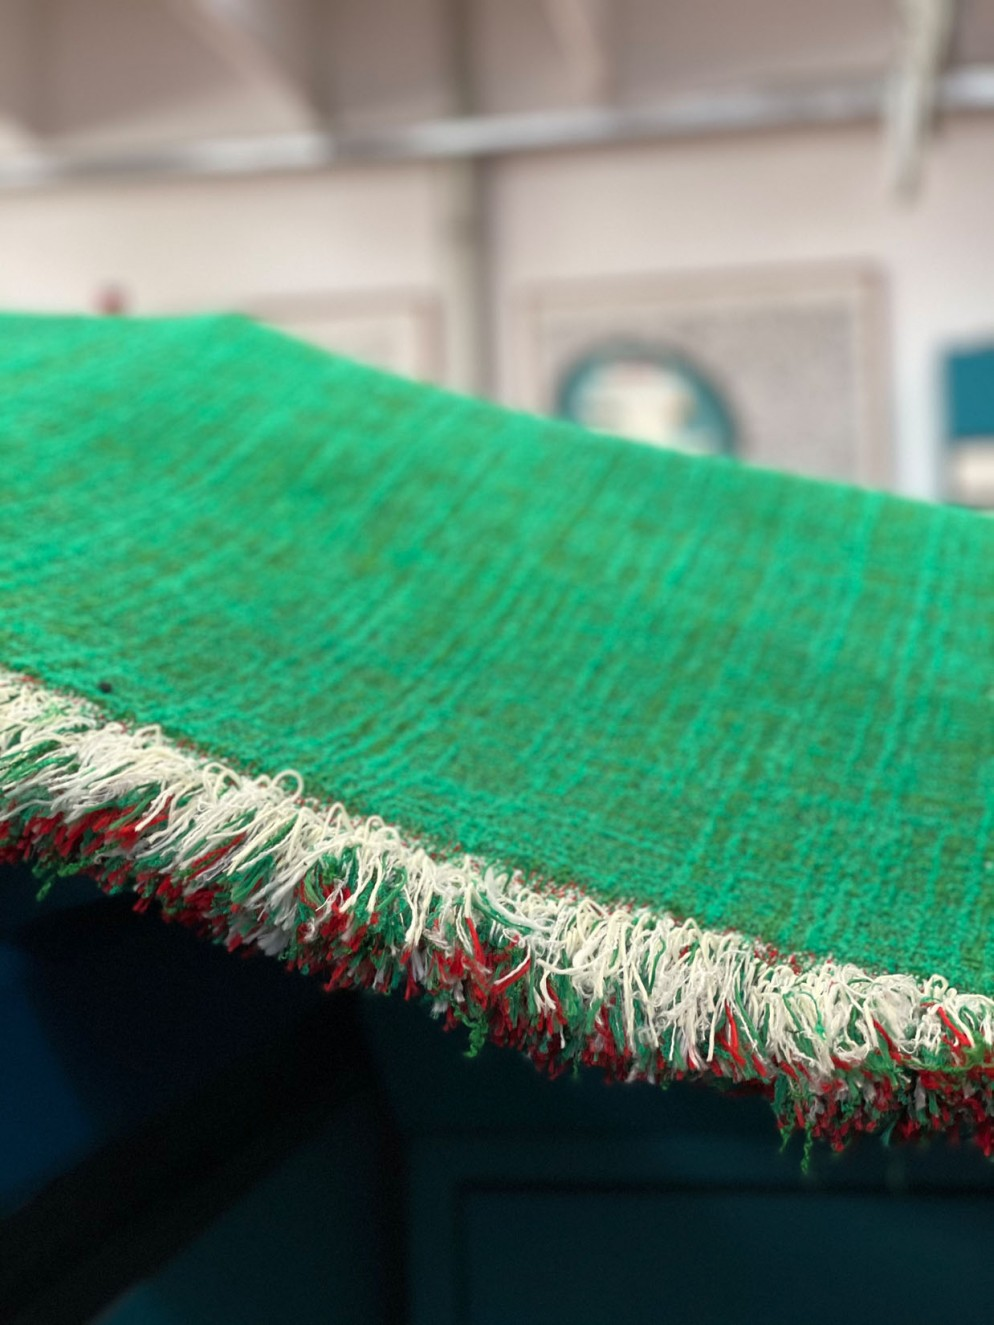 tricolore-tessuto-plastica-reciclata-bonotto-olimpiadi-tokyo-sede-05